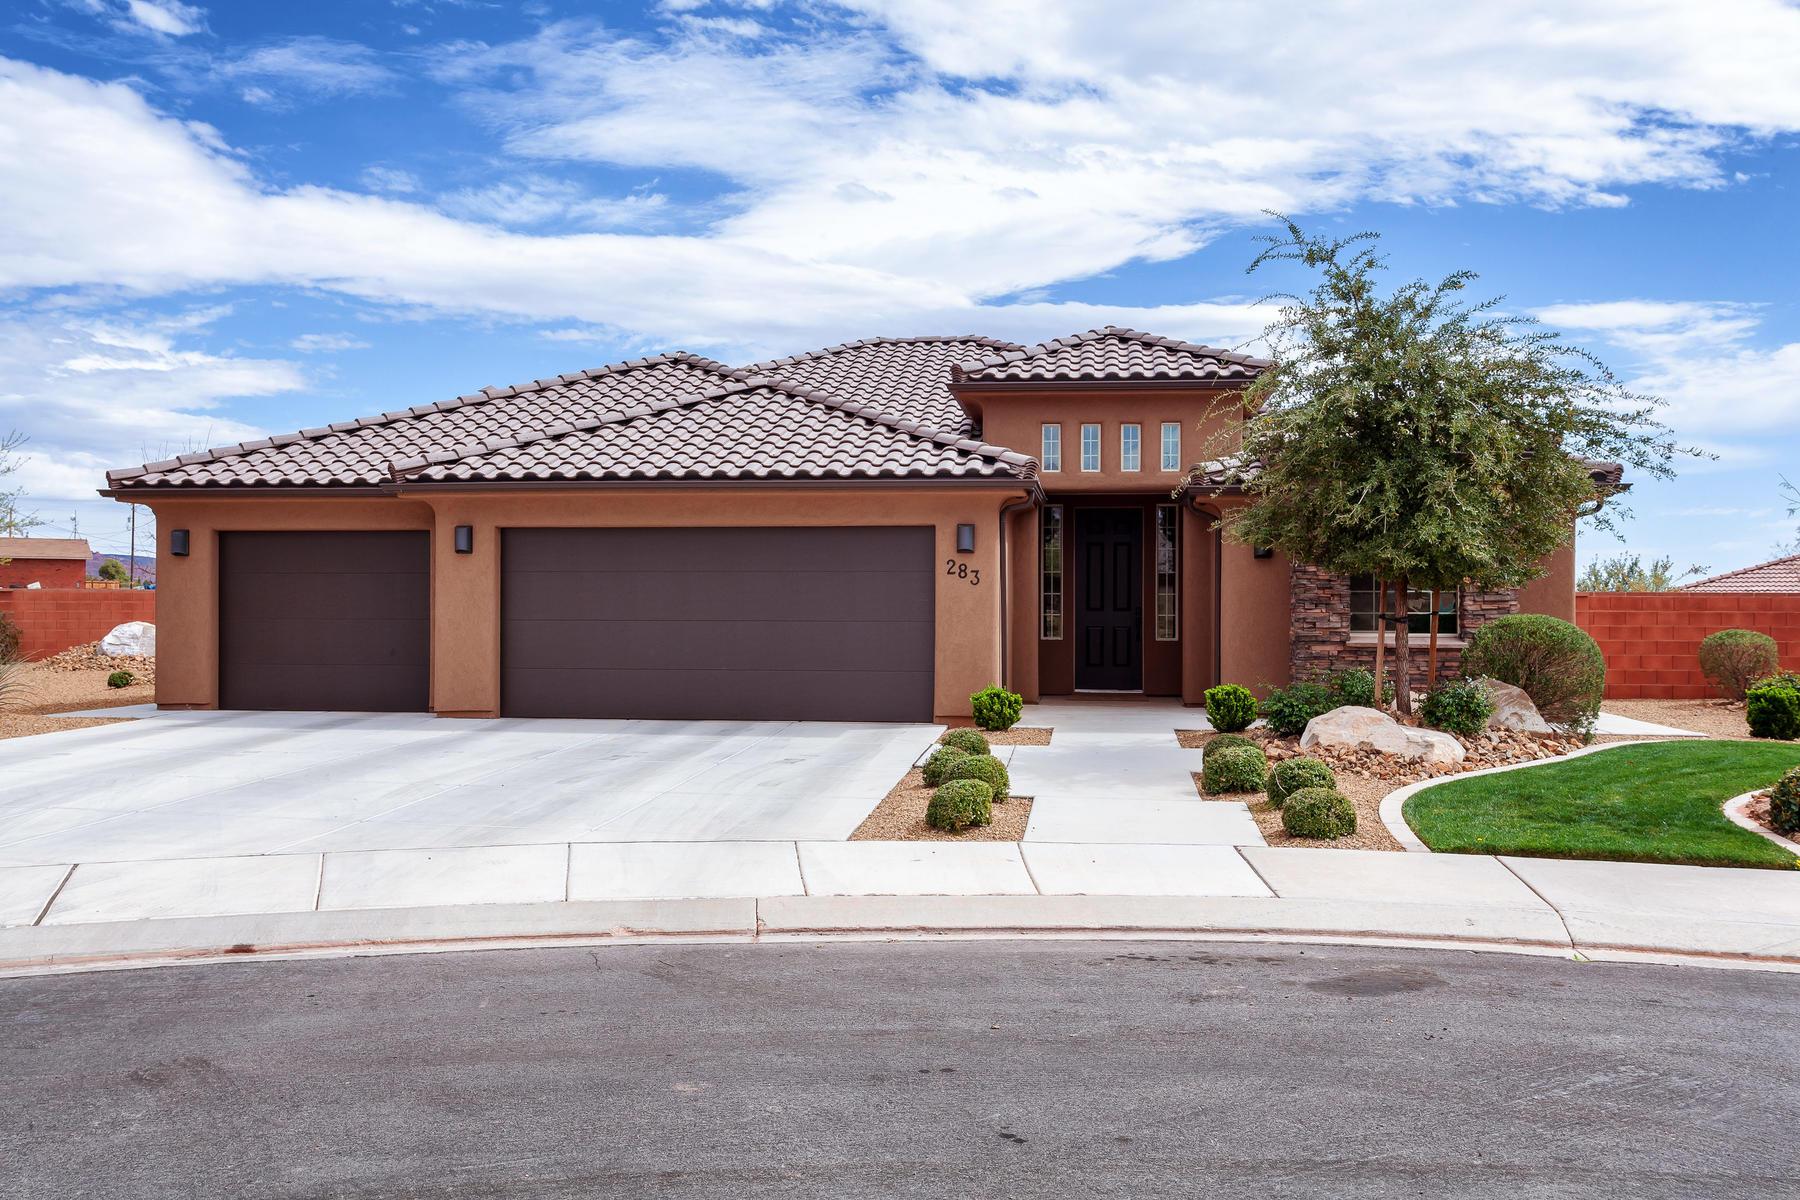 Casa Unifamiliar por un Venta en Home with Views in Quail Cove 283 W Pheasant Ct. Ivins, Utah, 84738 Estados Unidos